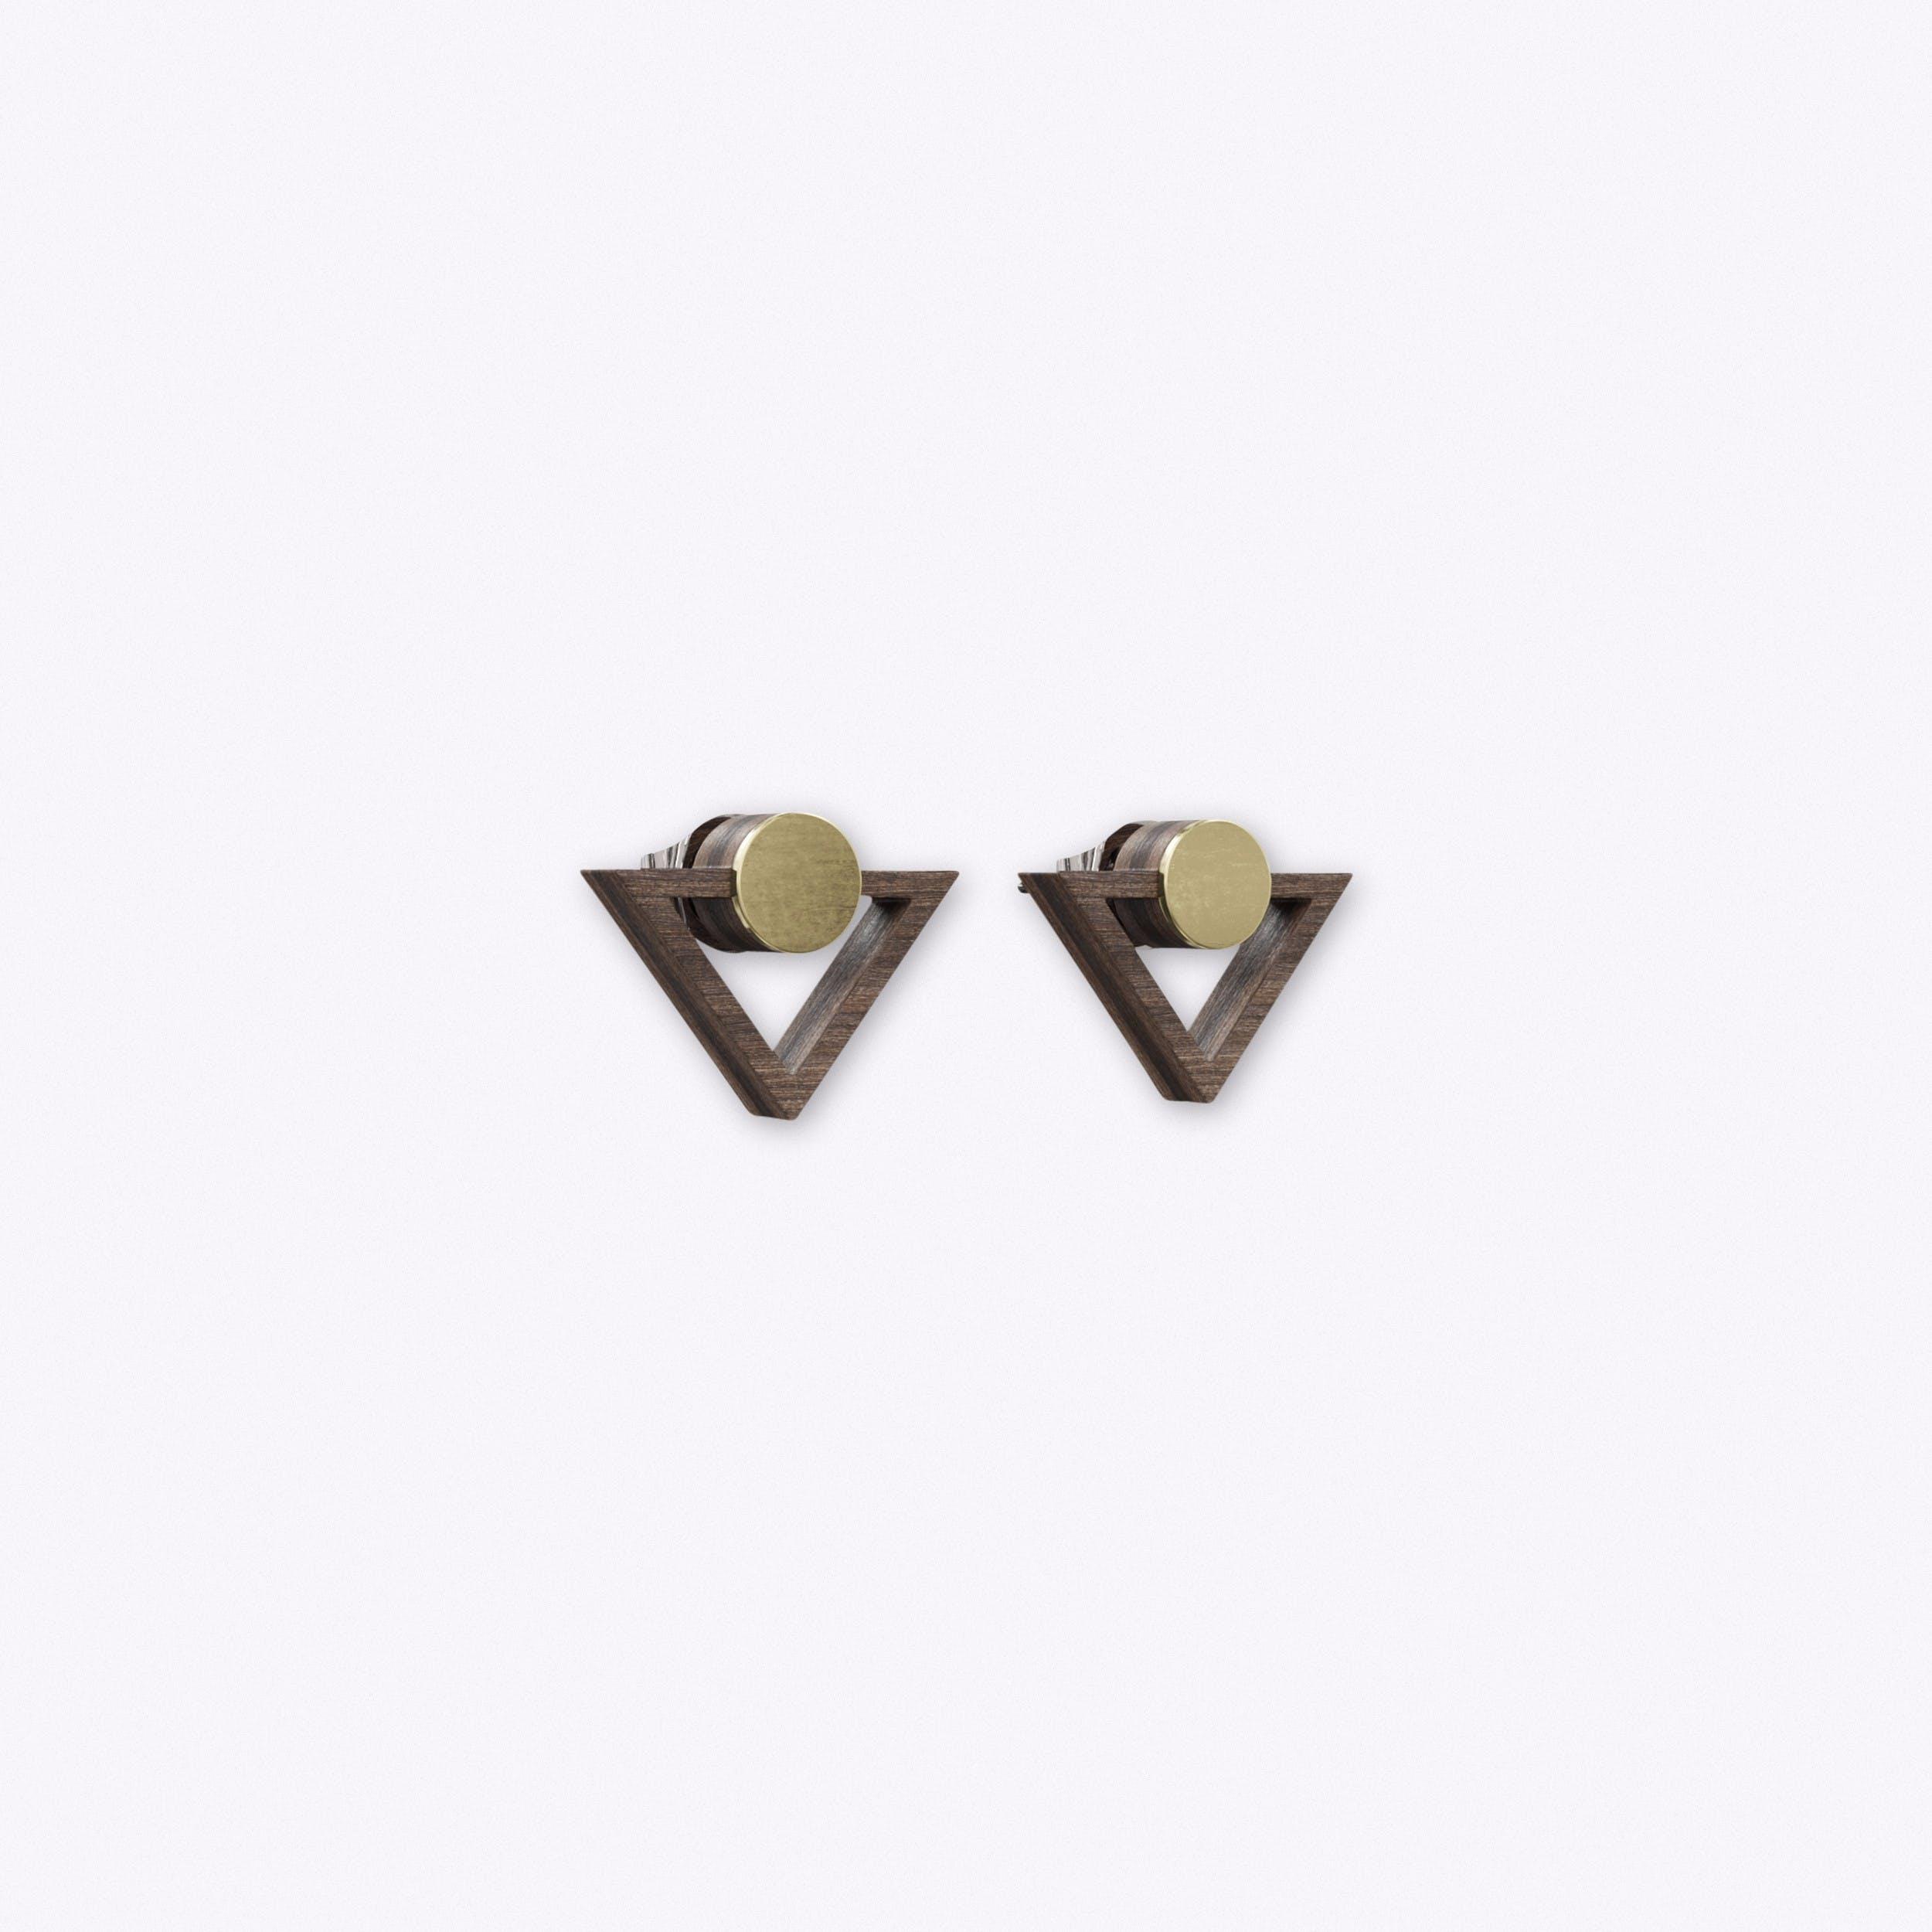 Imperfektum Earrings in dark wood